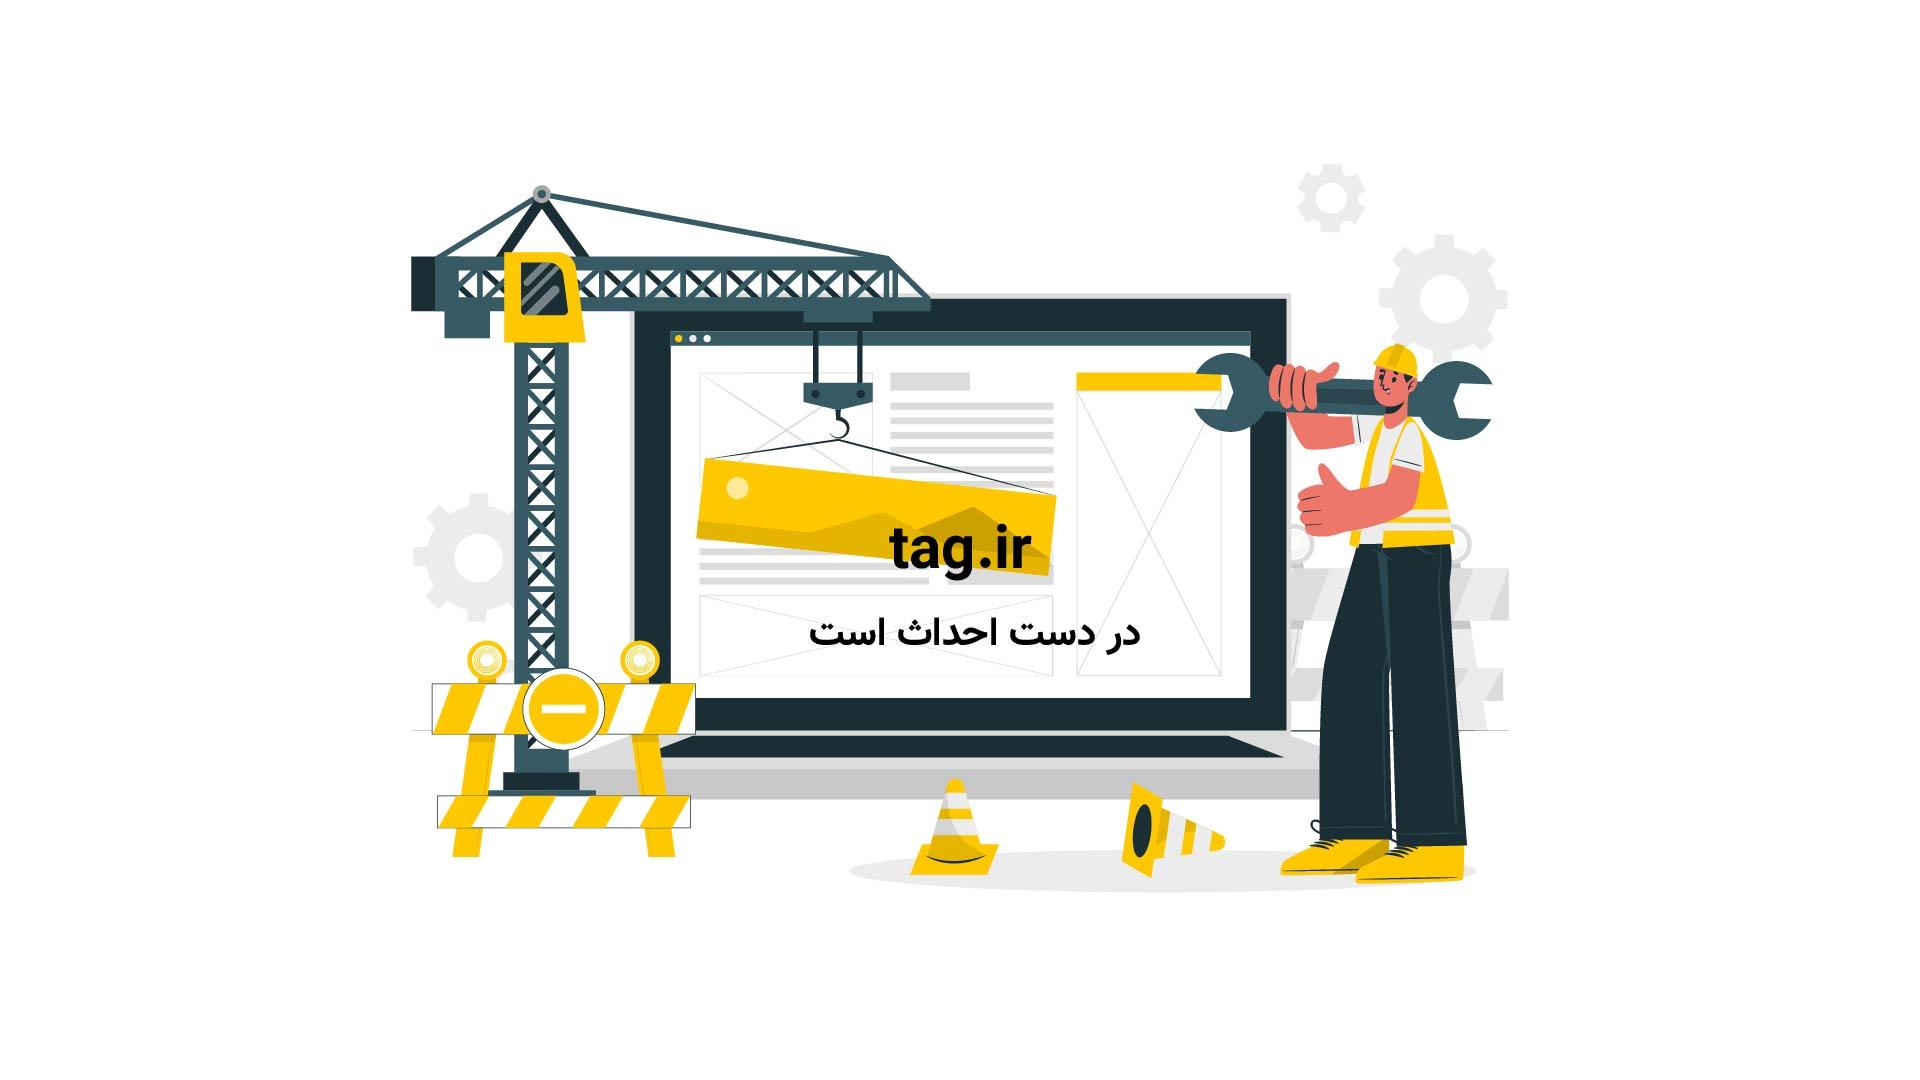 بیانات آیت الله جوادی آملی درباره مقام امام حسین علیه السلام و عاشورا + فیلم